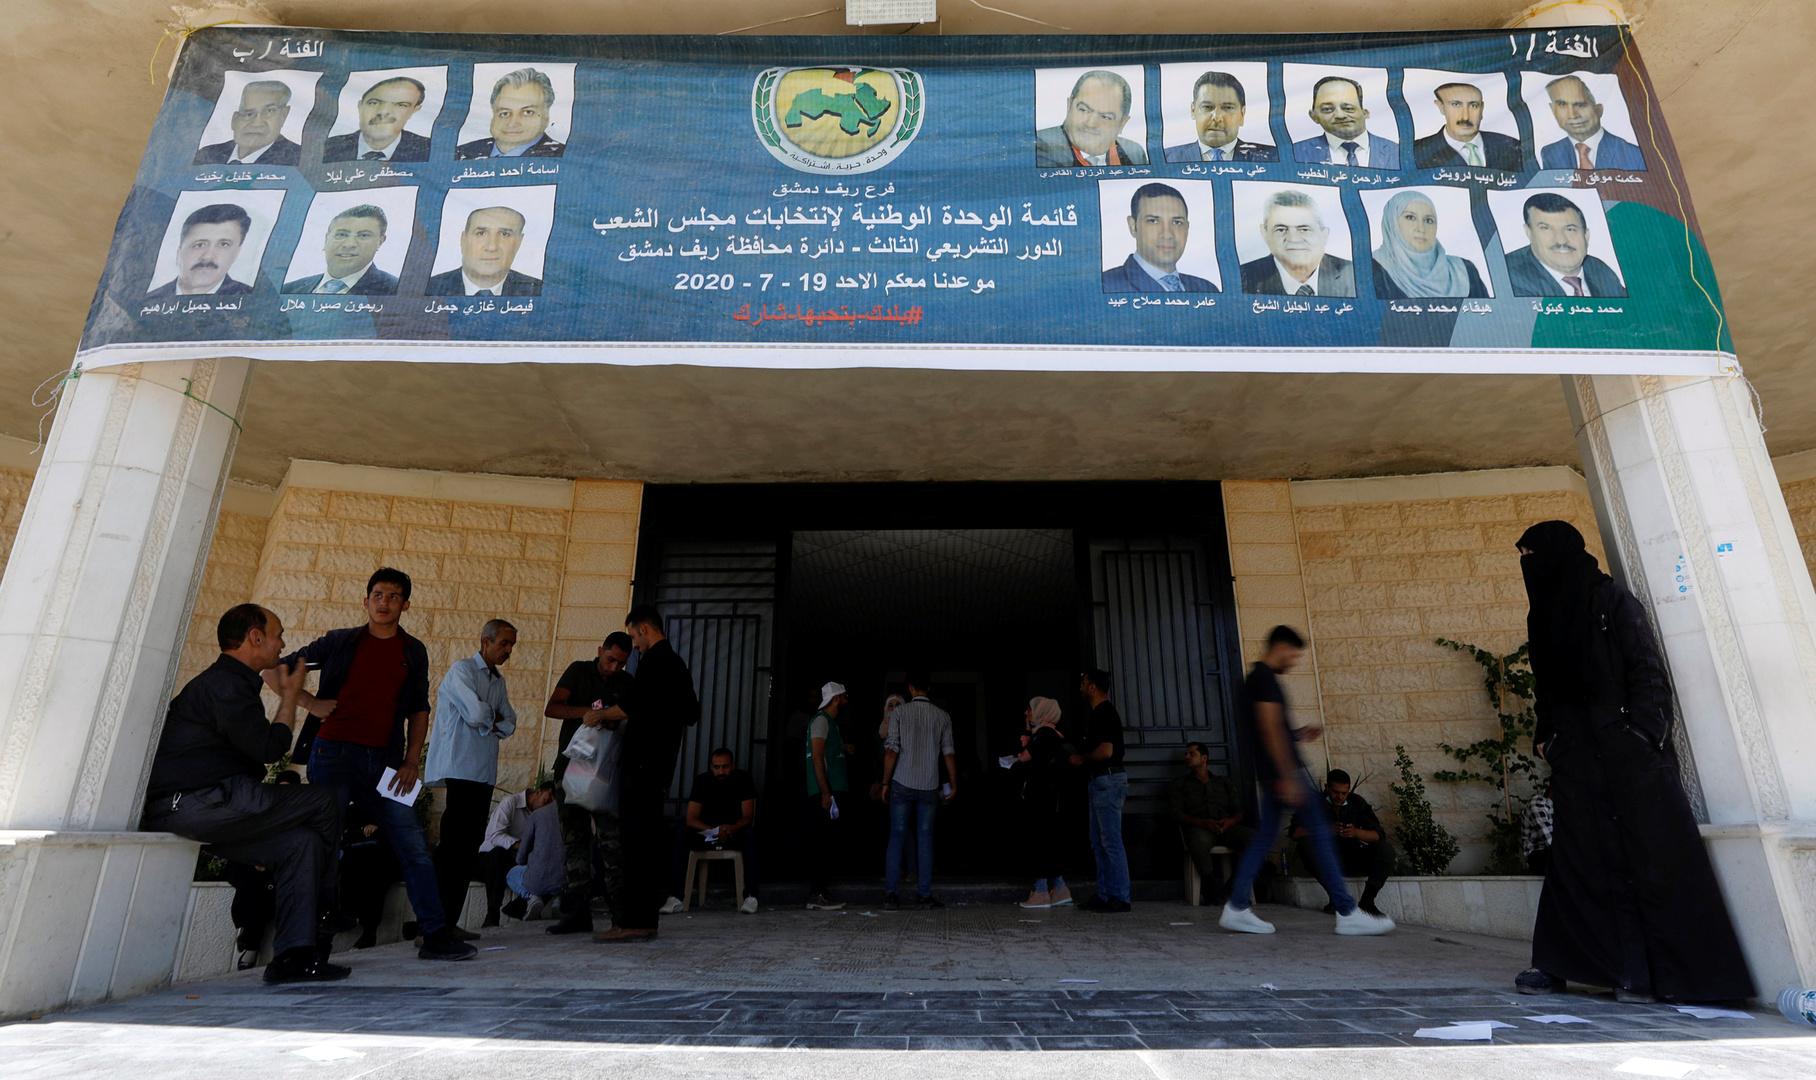 مشاركة متواضعة في الانتخابات التشريعية السورية